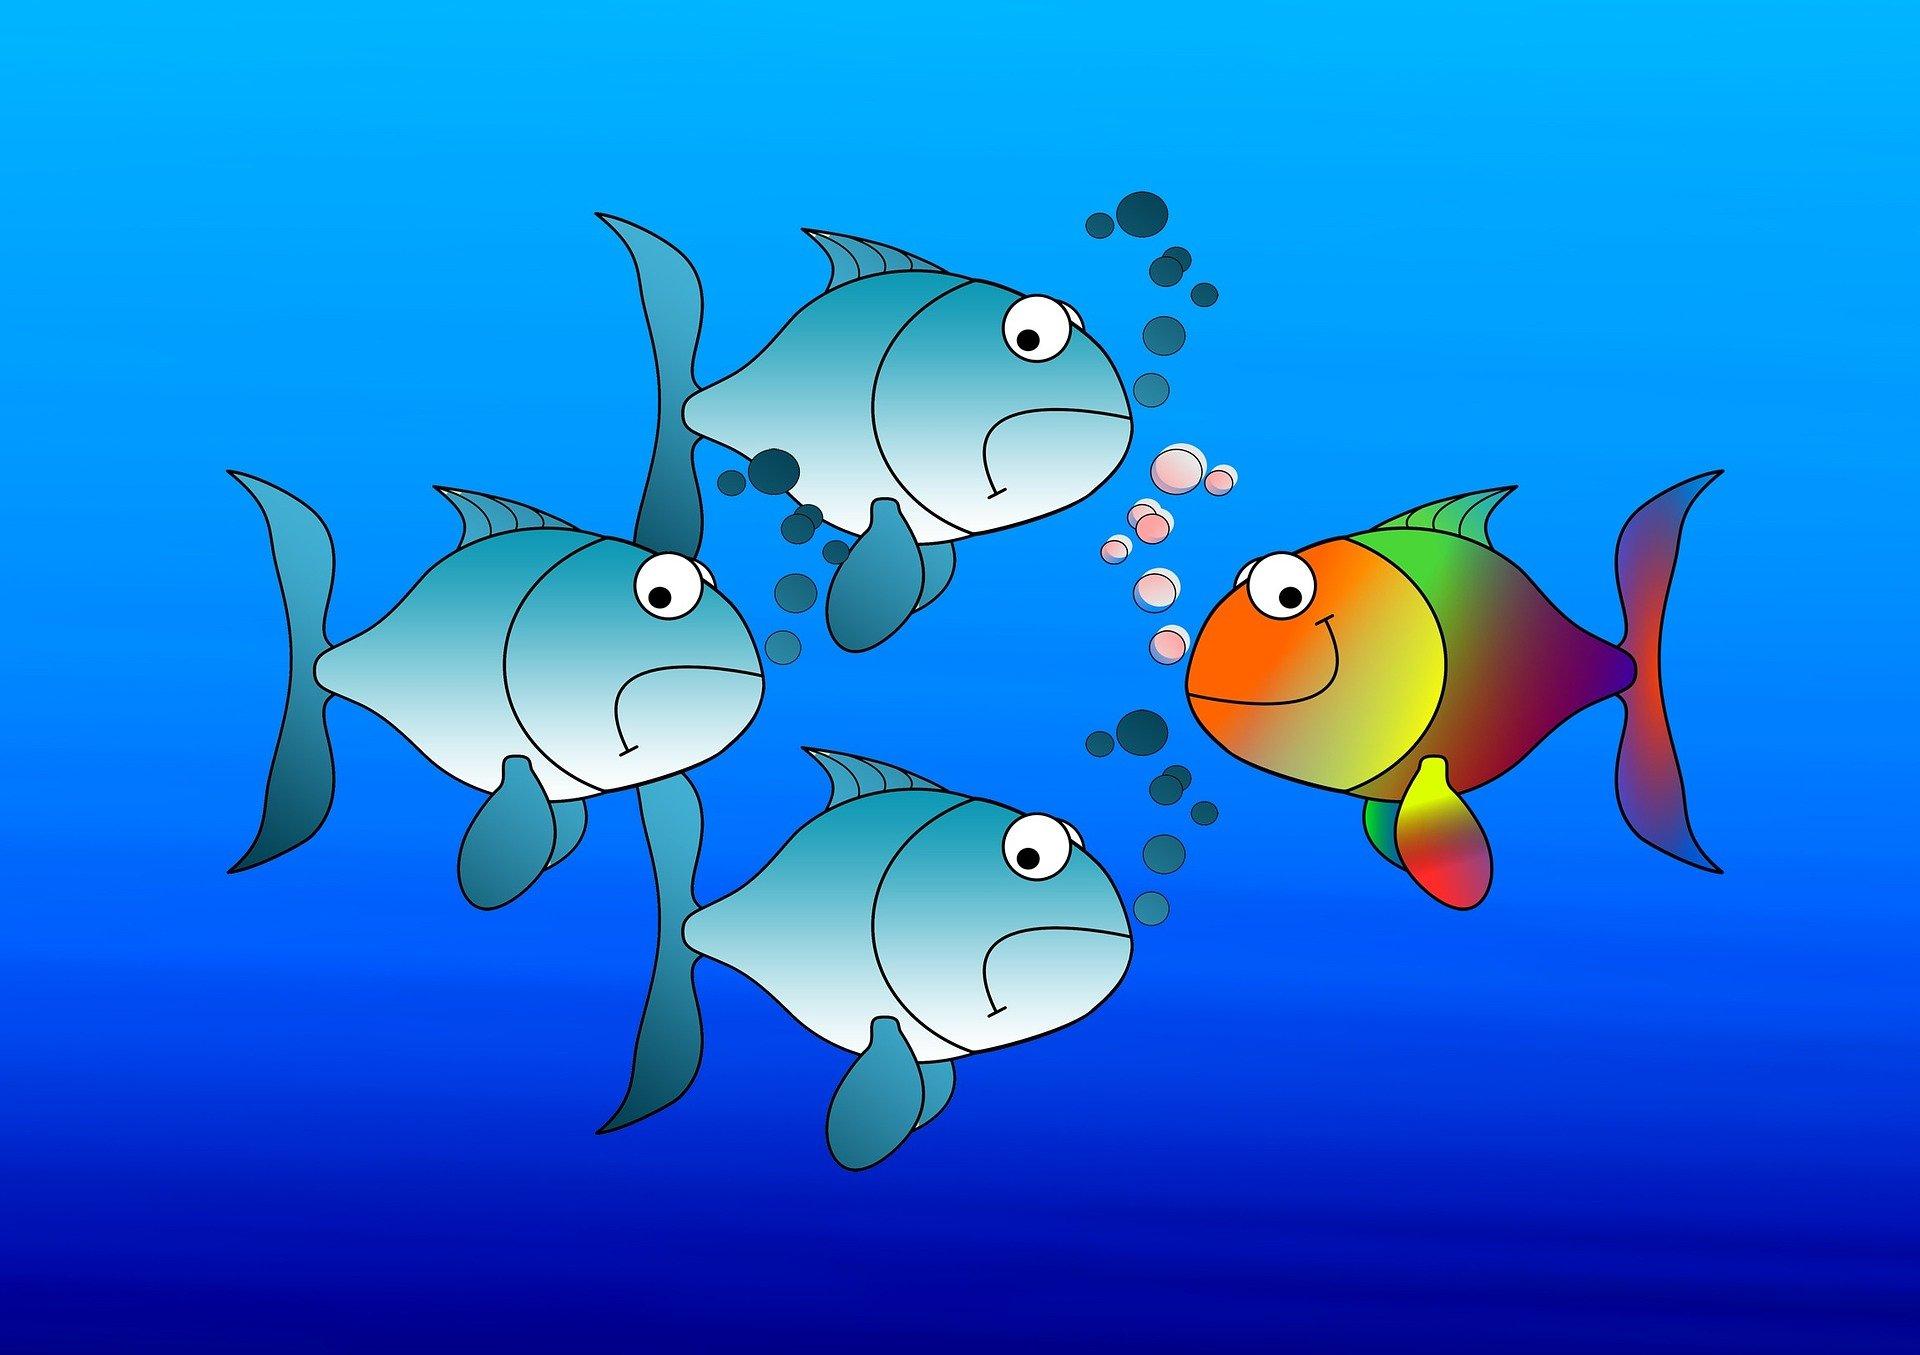 tre pesci blu tristi vanno a destra mentre un pesce colorato sorride e va a sinistra